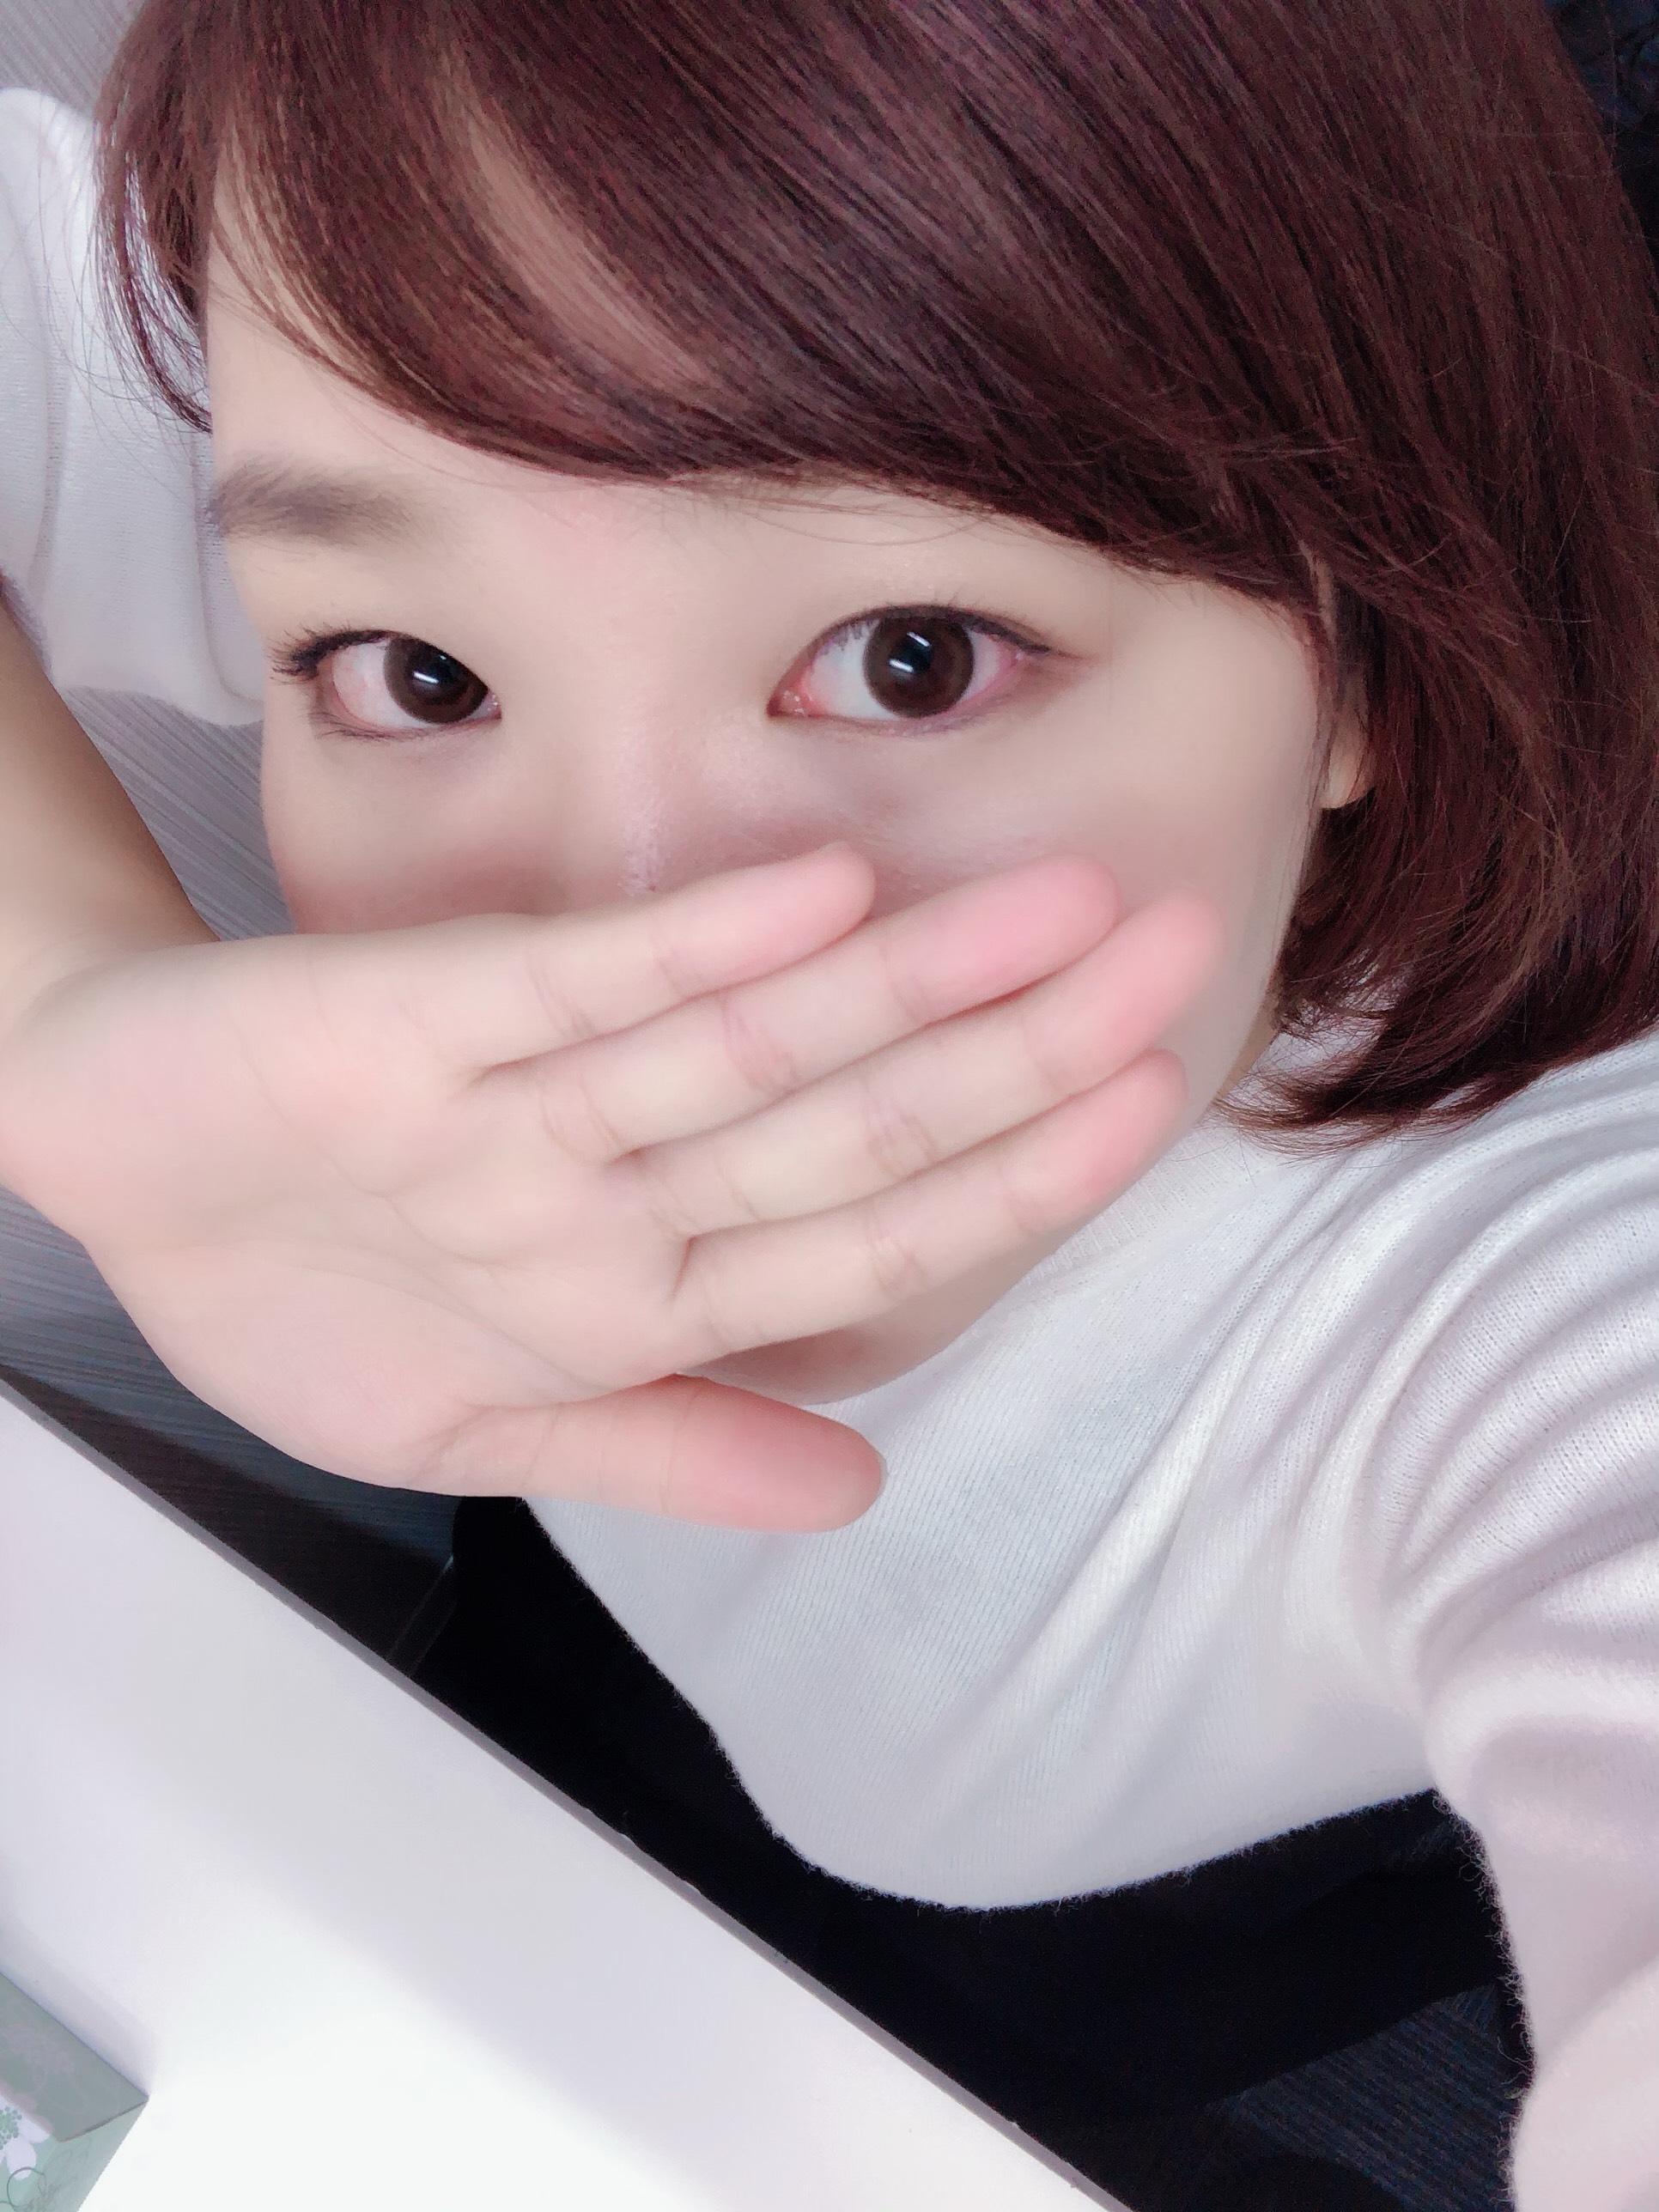 ゆあ「こんにちわ」01/17(木) 19:42   ゆあの写メ・風俗動画